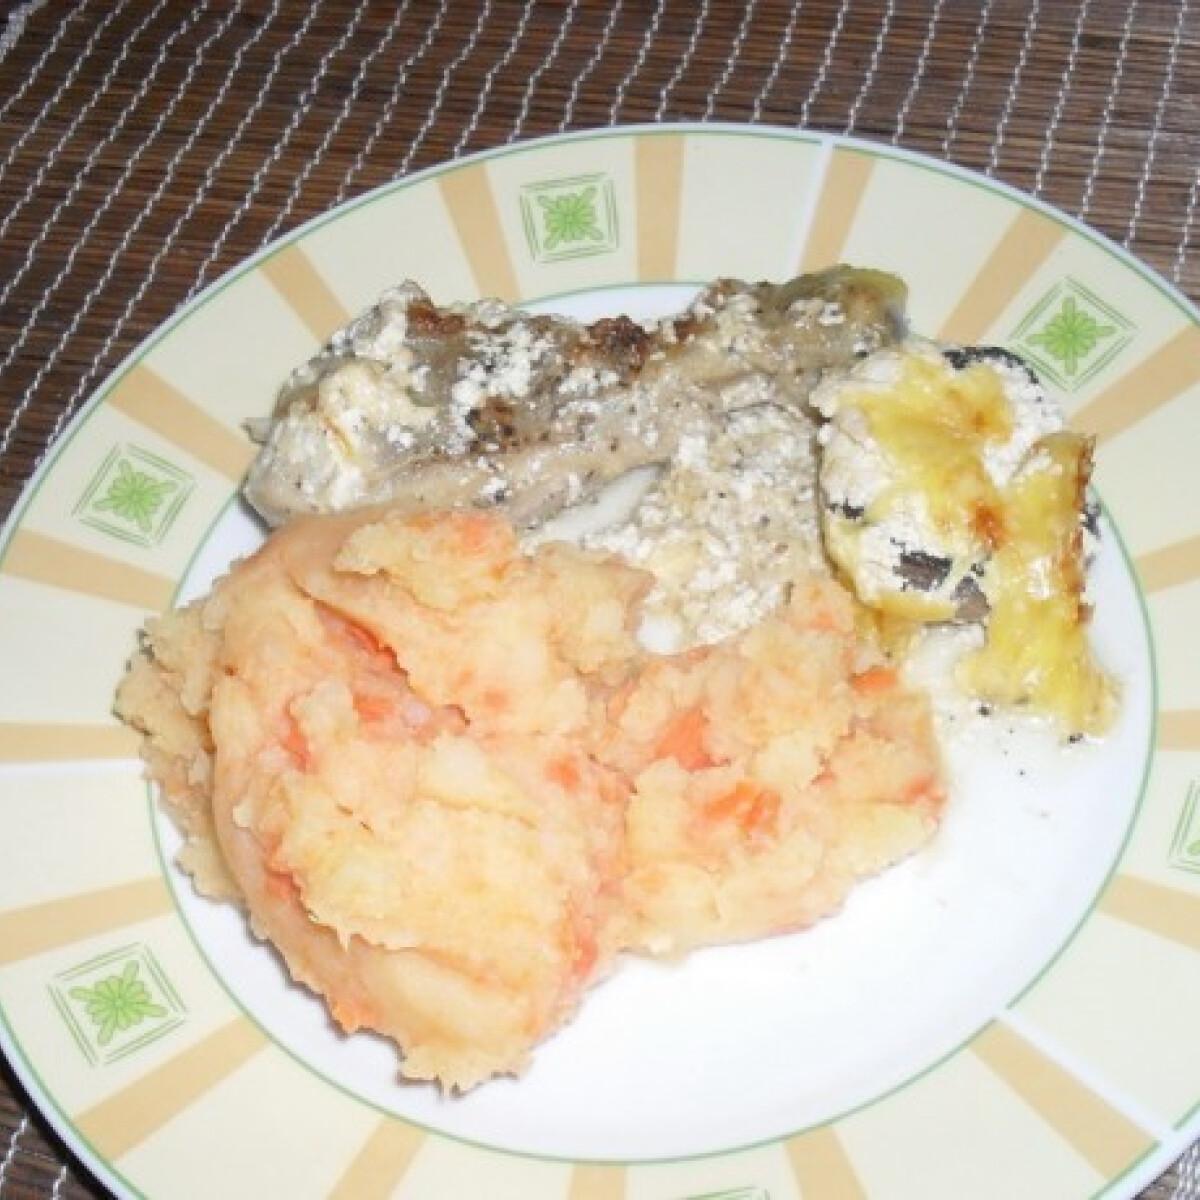 Borsos csirke gombával és sárga krumplival